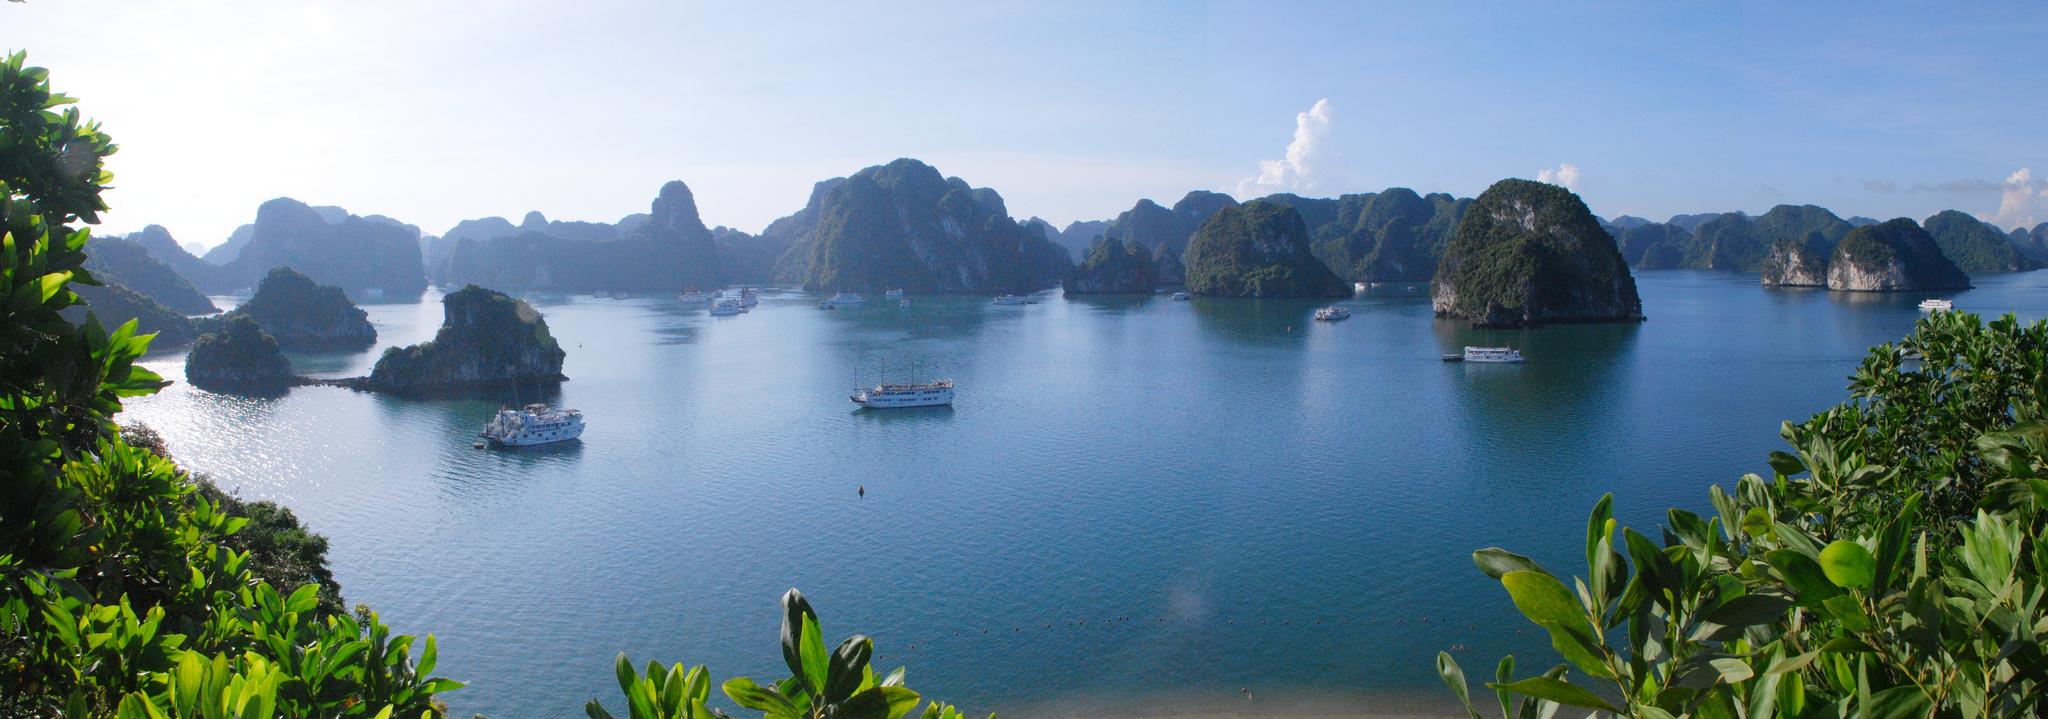 Panorama sur la baie d'Halong